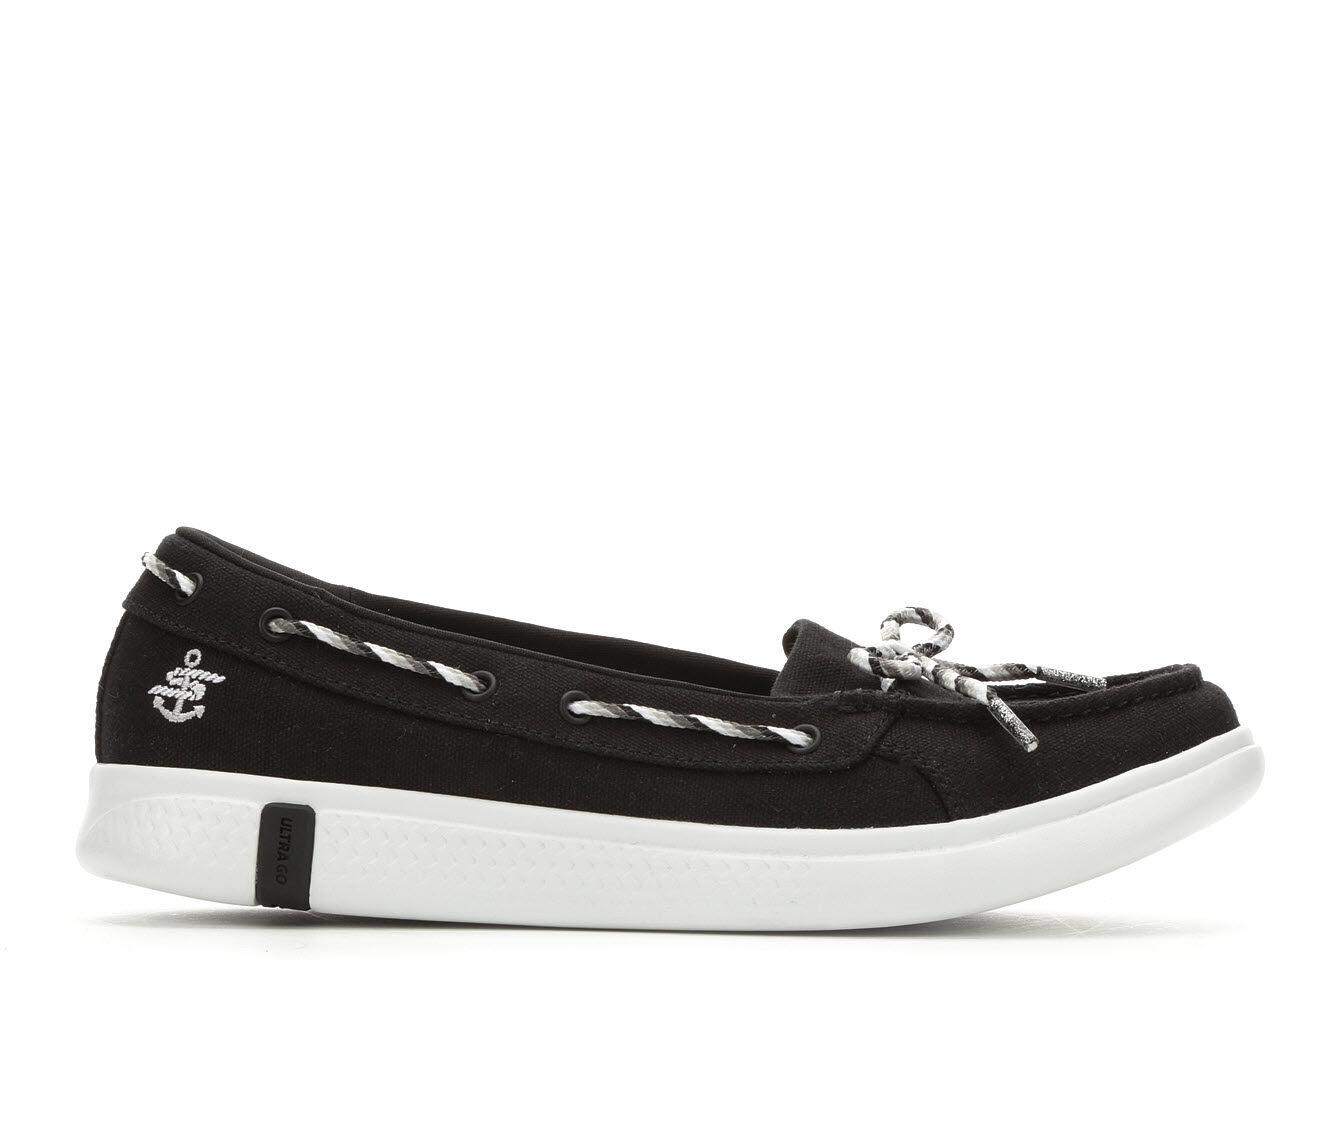 Women's Skechers Go Glide Ultra 16108 Slip-On Shoes Black/White